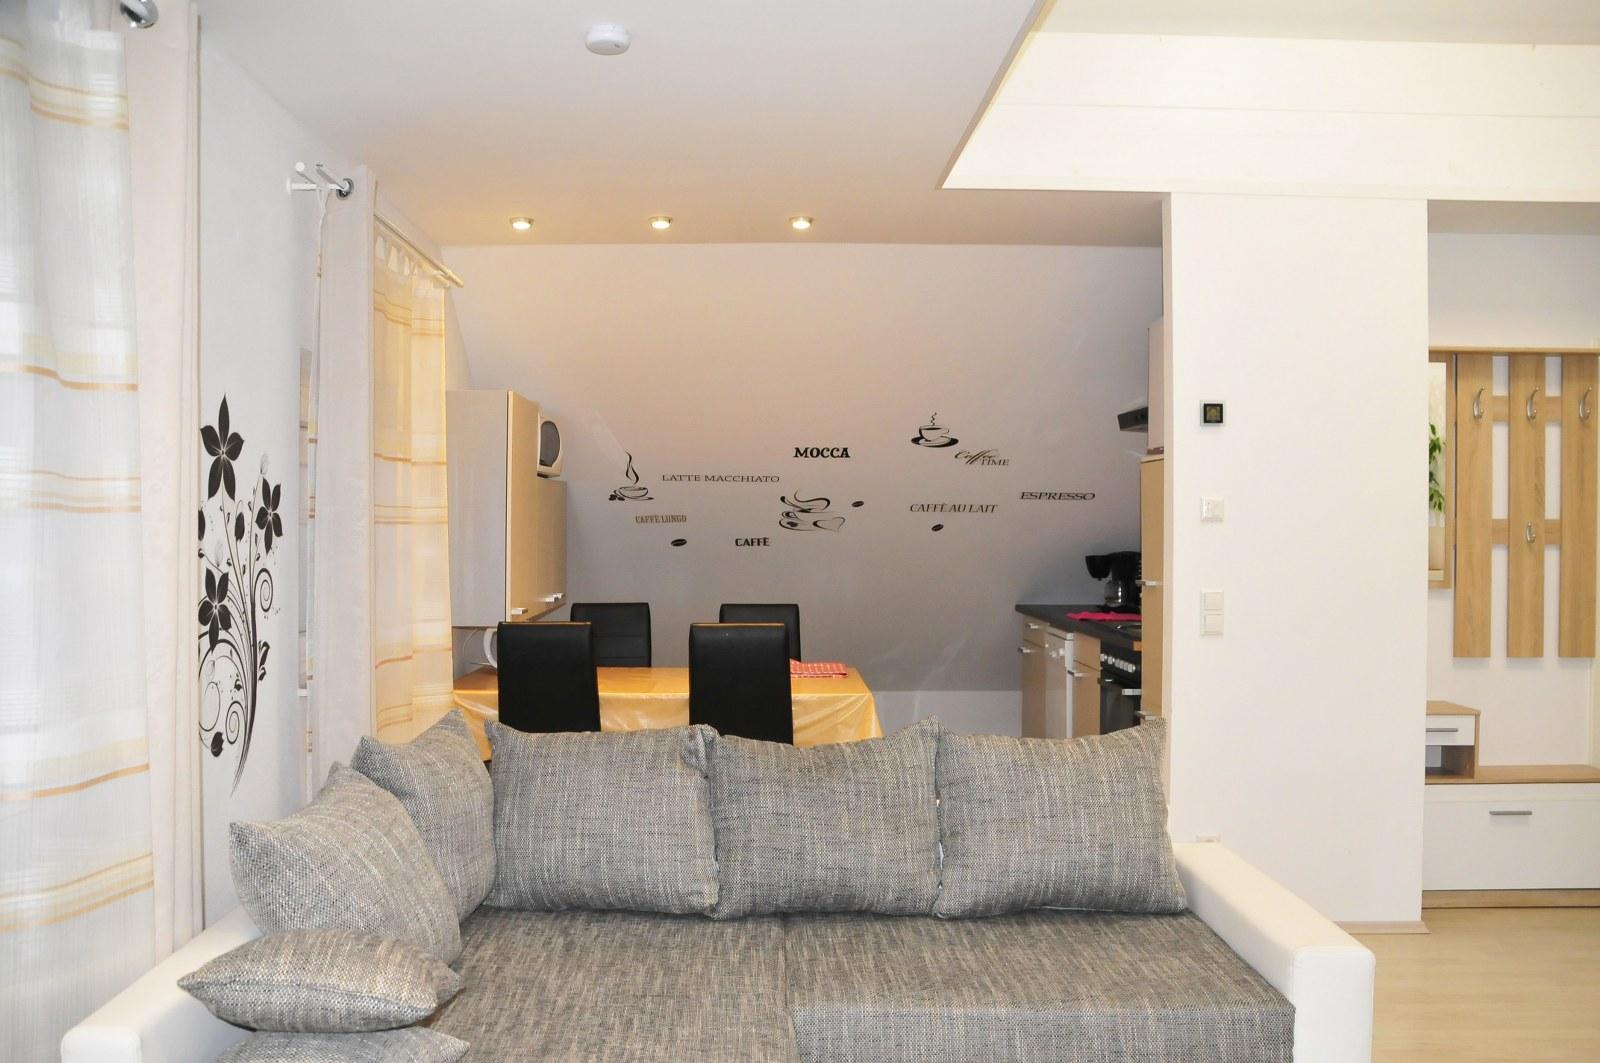 zimmer und preise monteurwohung my zimmer in friedberg bayern. Black Bedroom Furniture Sets. Home Design Ideas